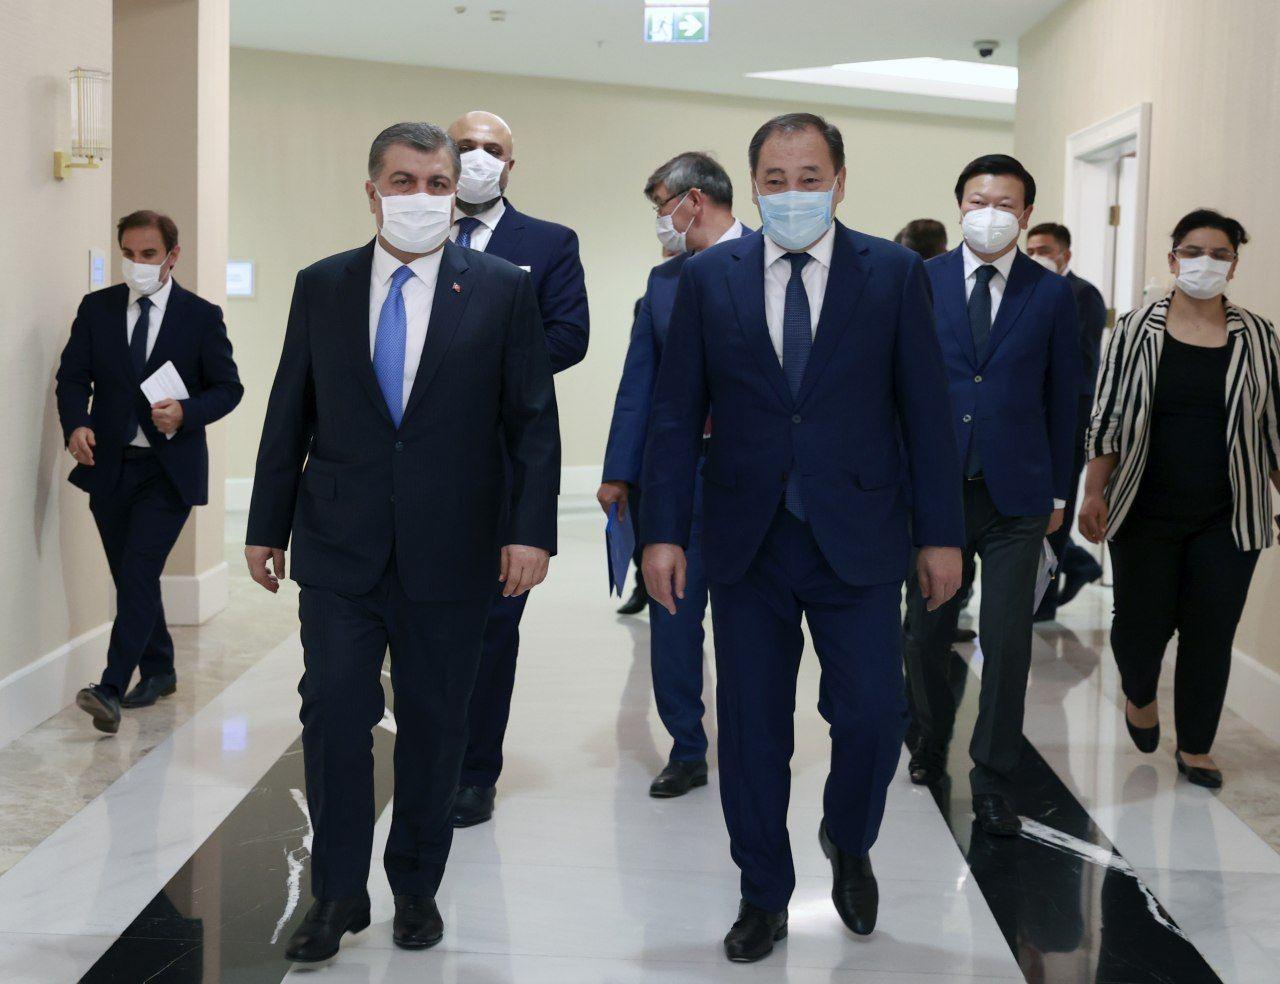 Казахстан и Турция обсудили вопрос возобновления авиасообщения 389093 - Kapital.kz